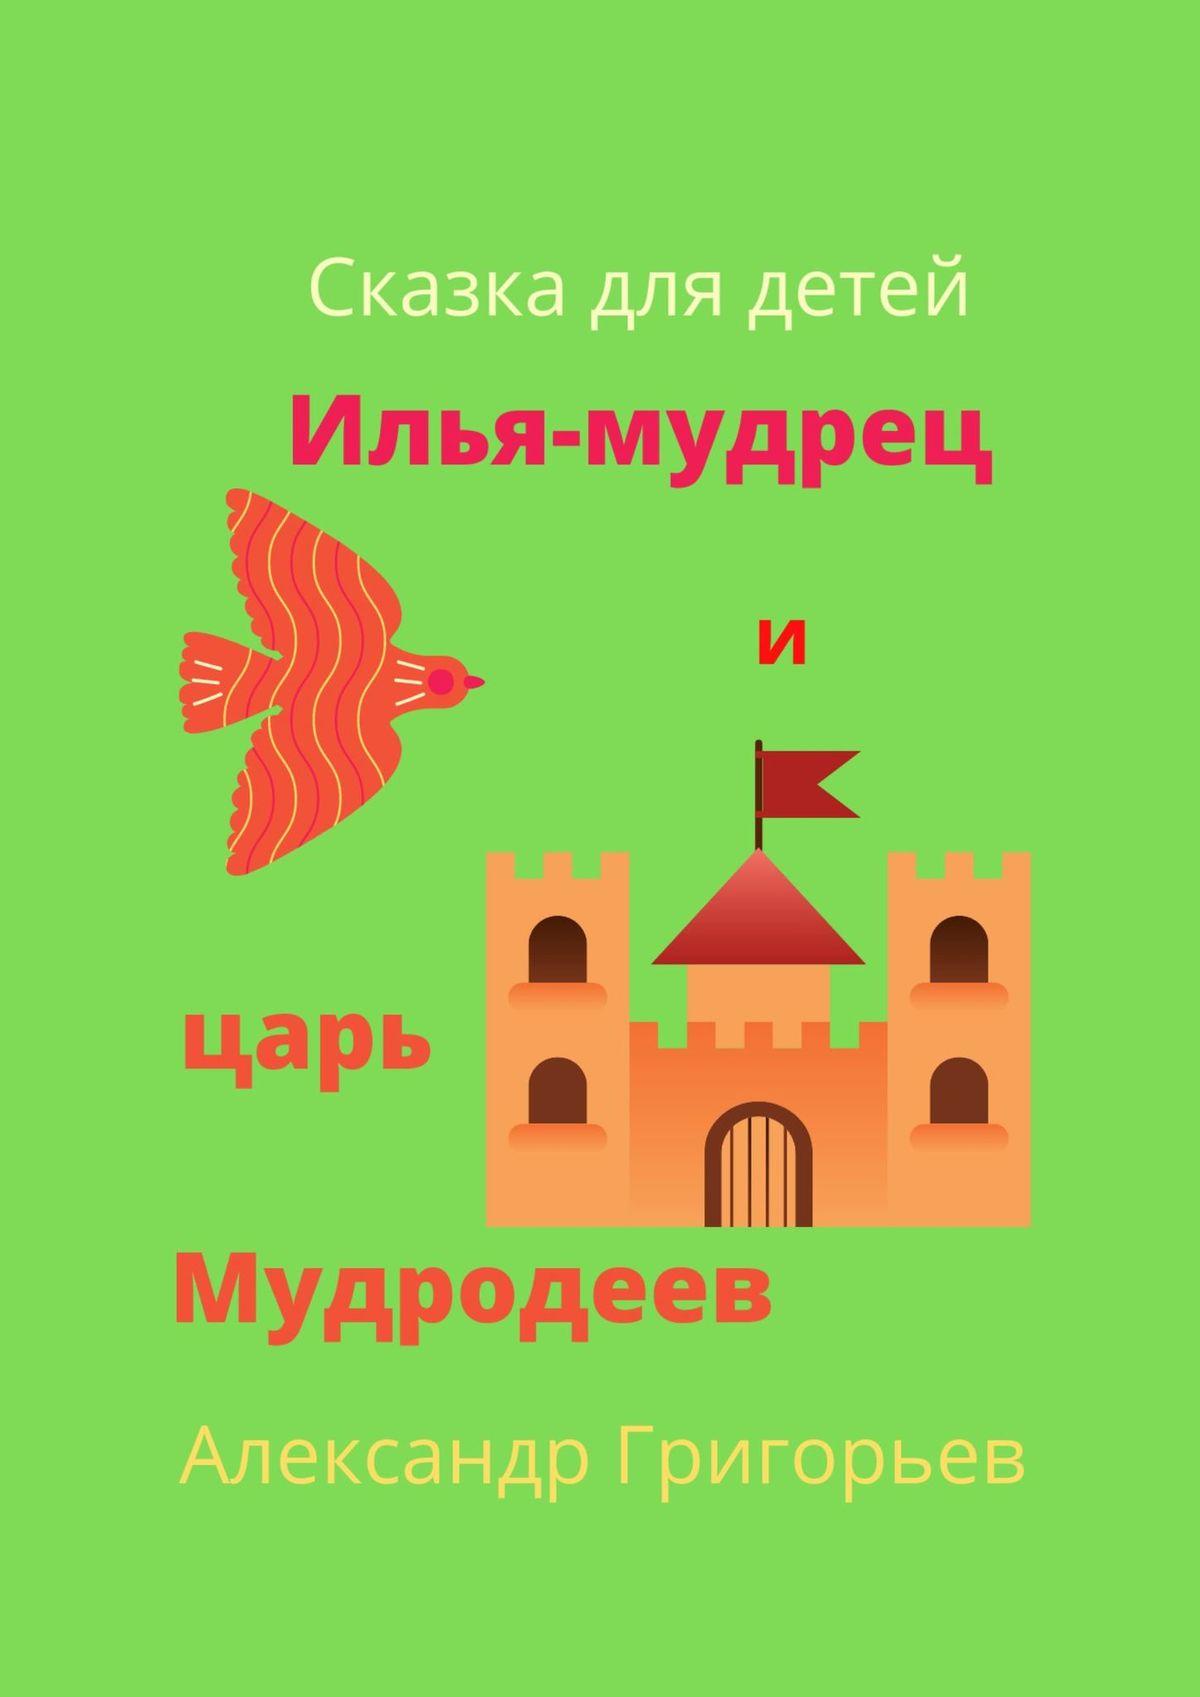 Александр Григорьев Илья-мудрец ицарь Мудродеев александр григорьев создатель будущего